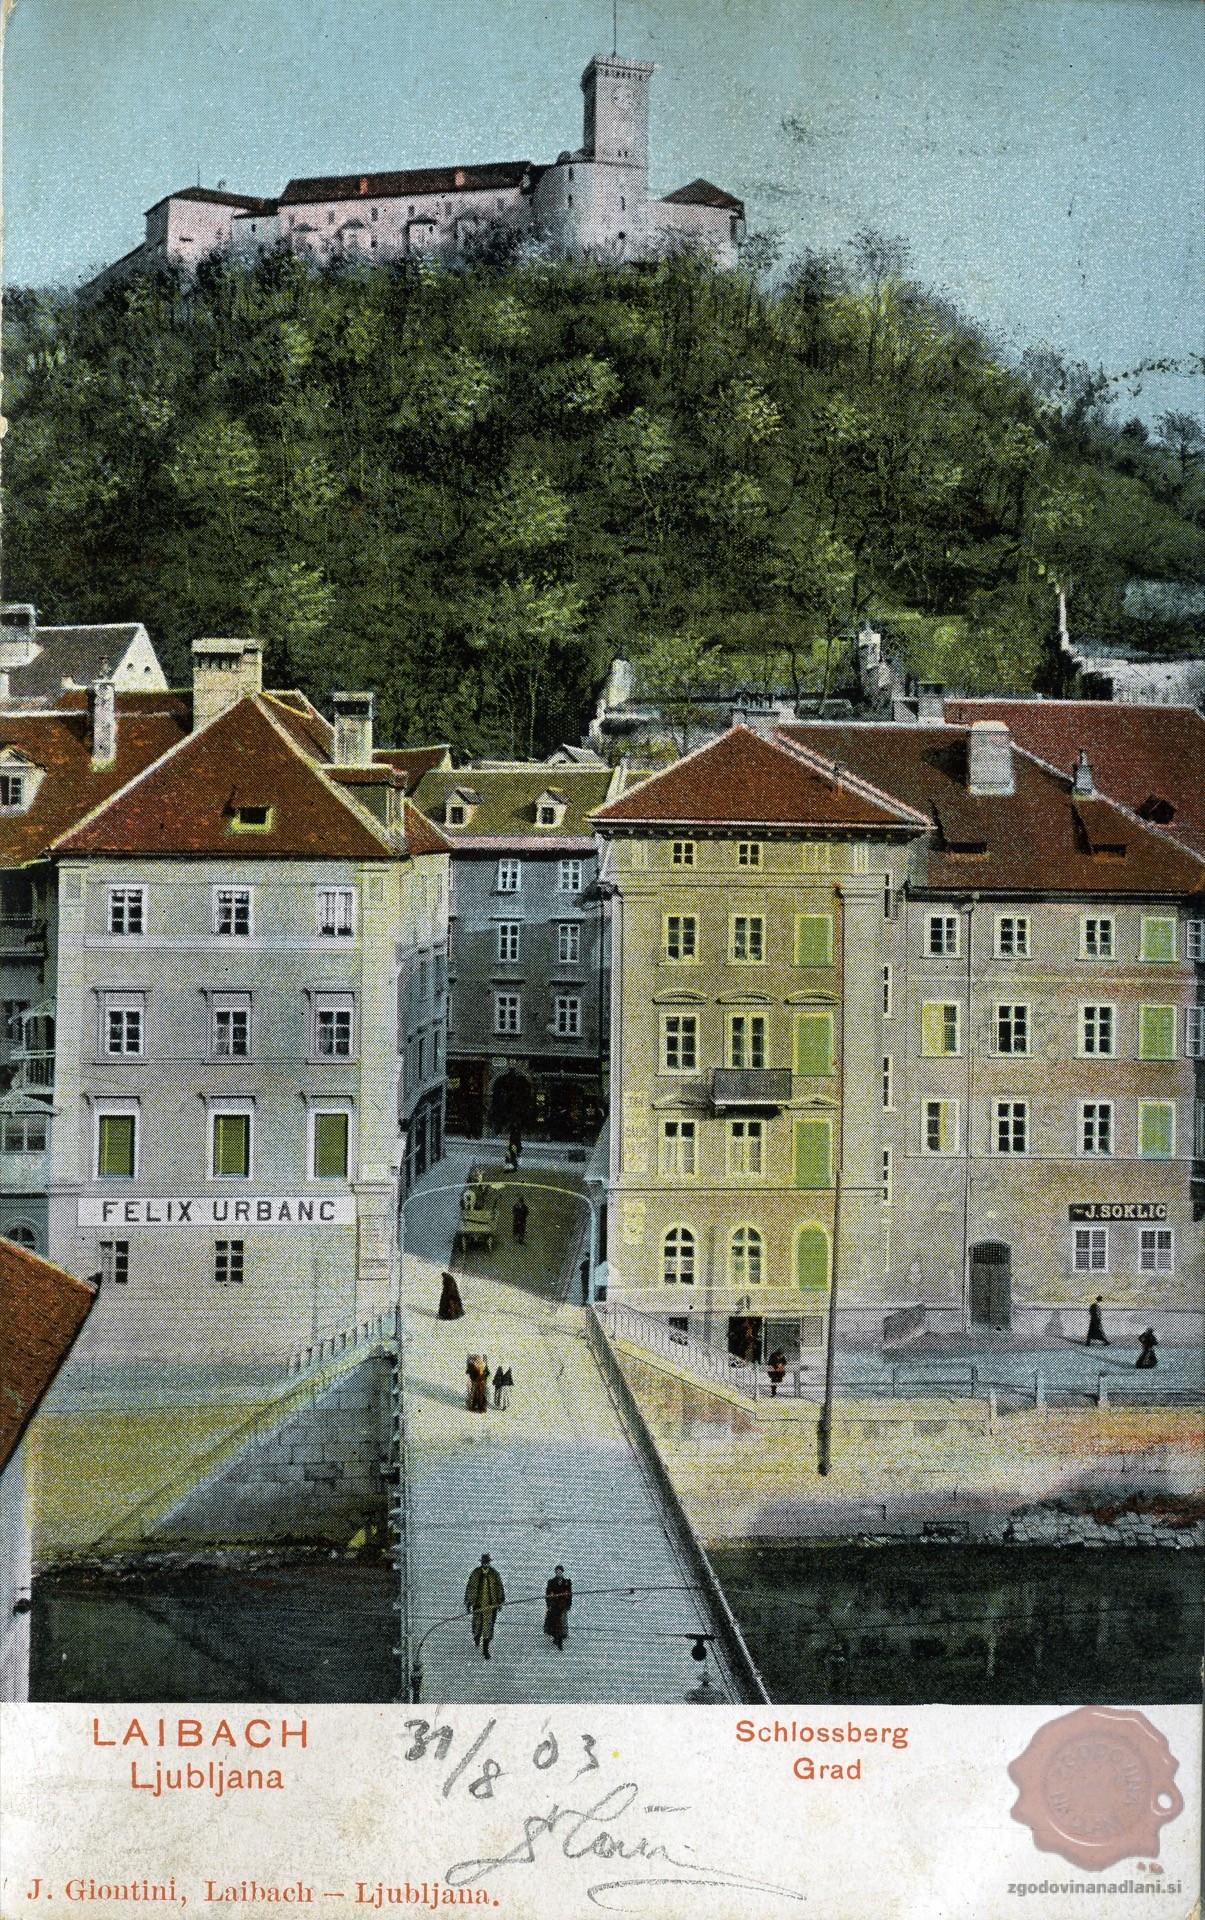 Čevljraski_most_Ljubljanski_grad_Ljubljanica_1903